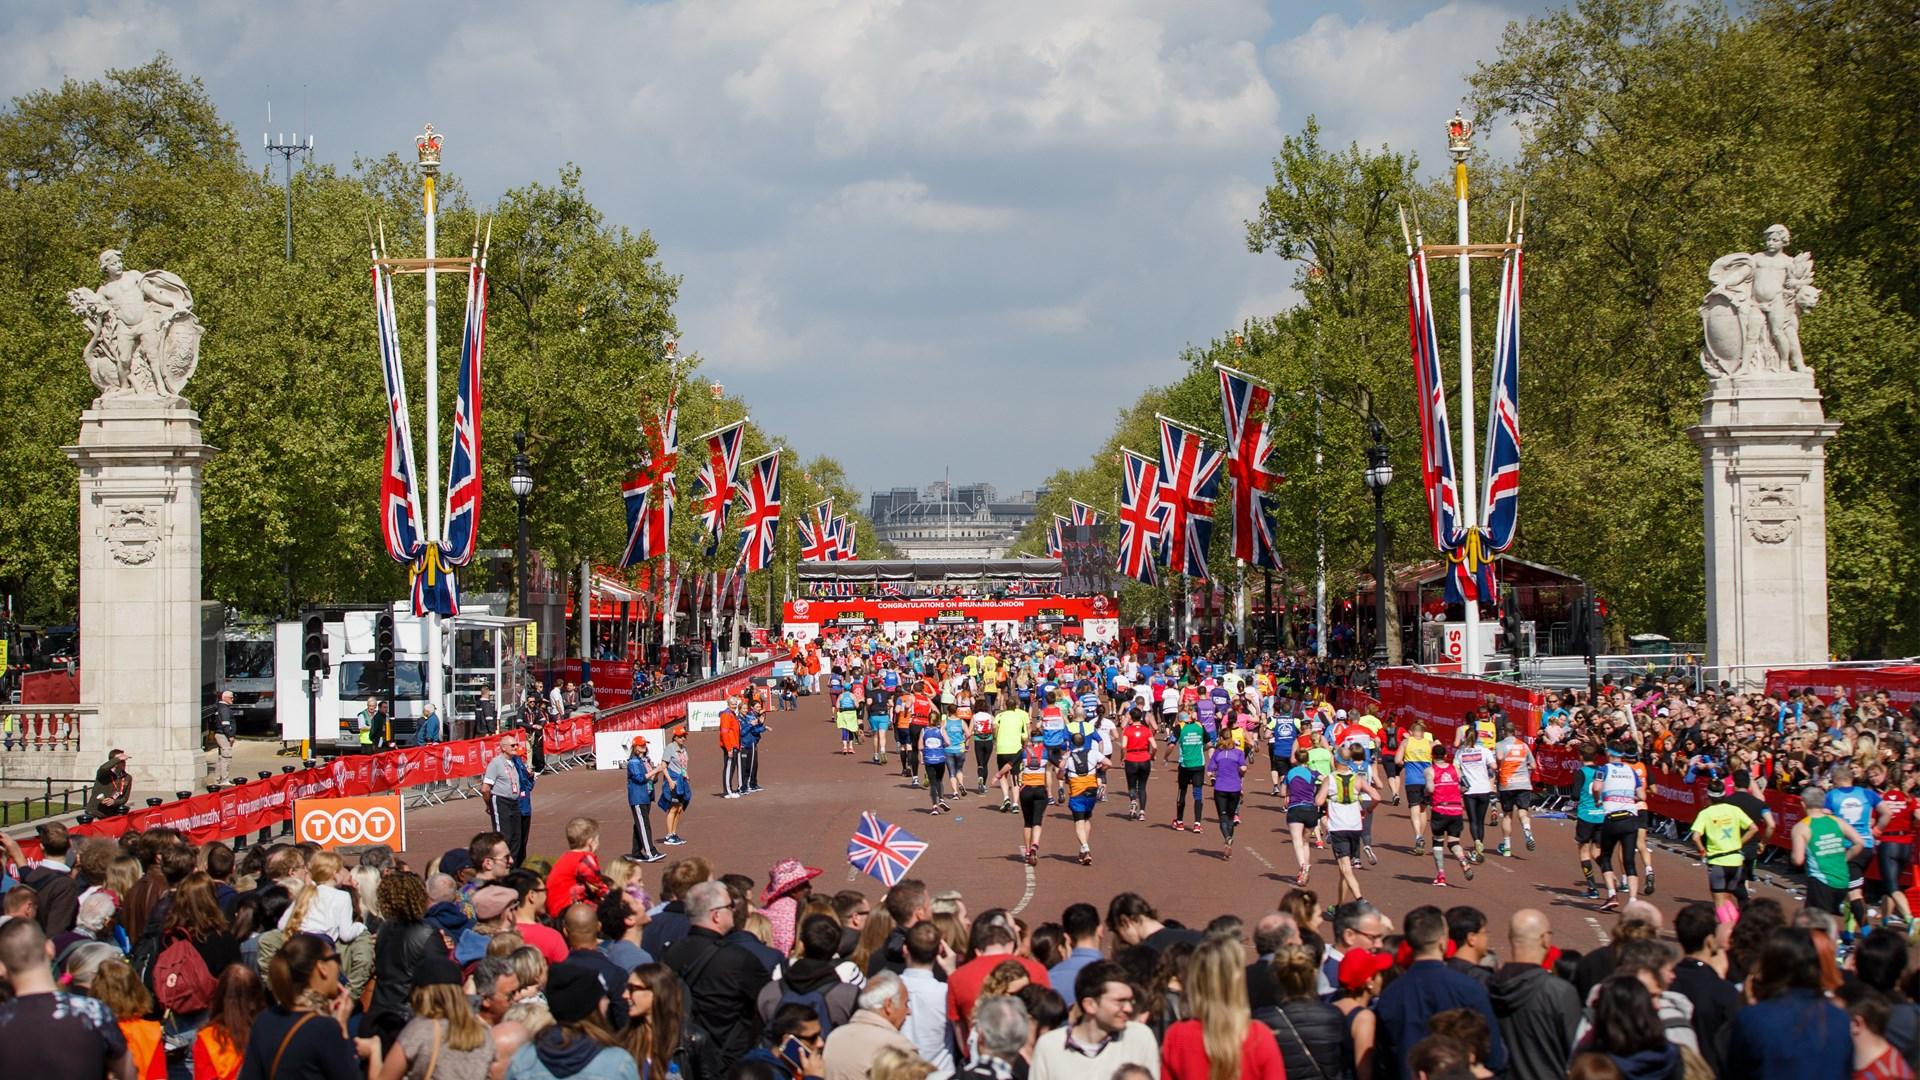 A Maratona de Londres passa pelos pontos principais da cidade. Chegar ao Palácio de Buckingham significa estar muito próximo à linha de chegada (Foto: Reprodução Facebook)